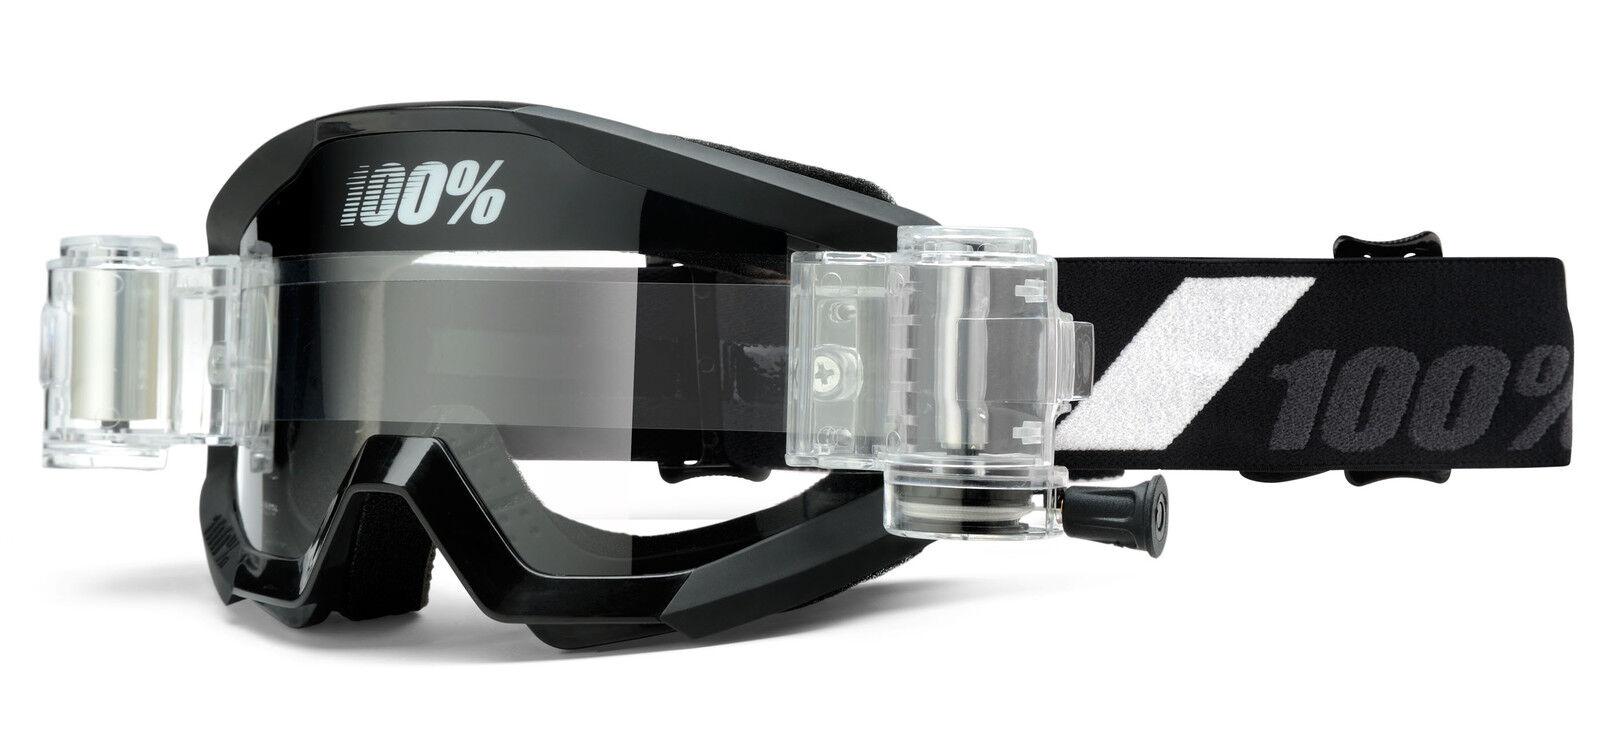 100% STRATA SVS CON ROLL ROLL ROLL OFF atenuación Goliath Gafas Mx Motocross Enduro Quad 14da5b